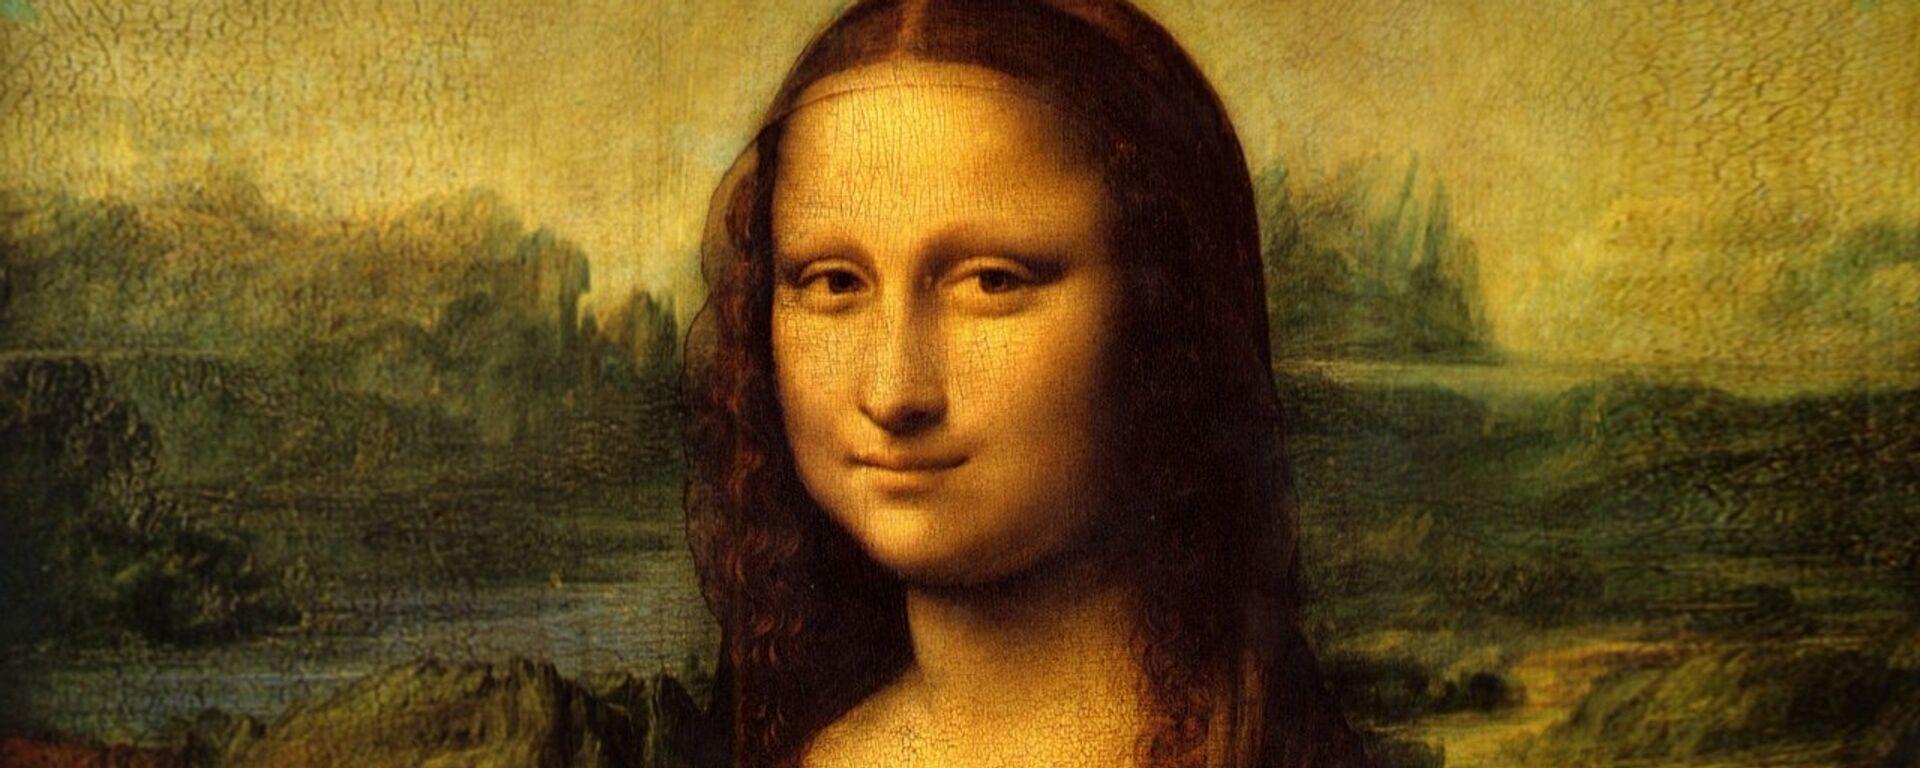 The Mona Lisa - Sputnik Mundo, 1920, 20.08.2021